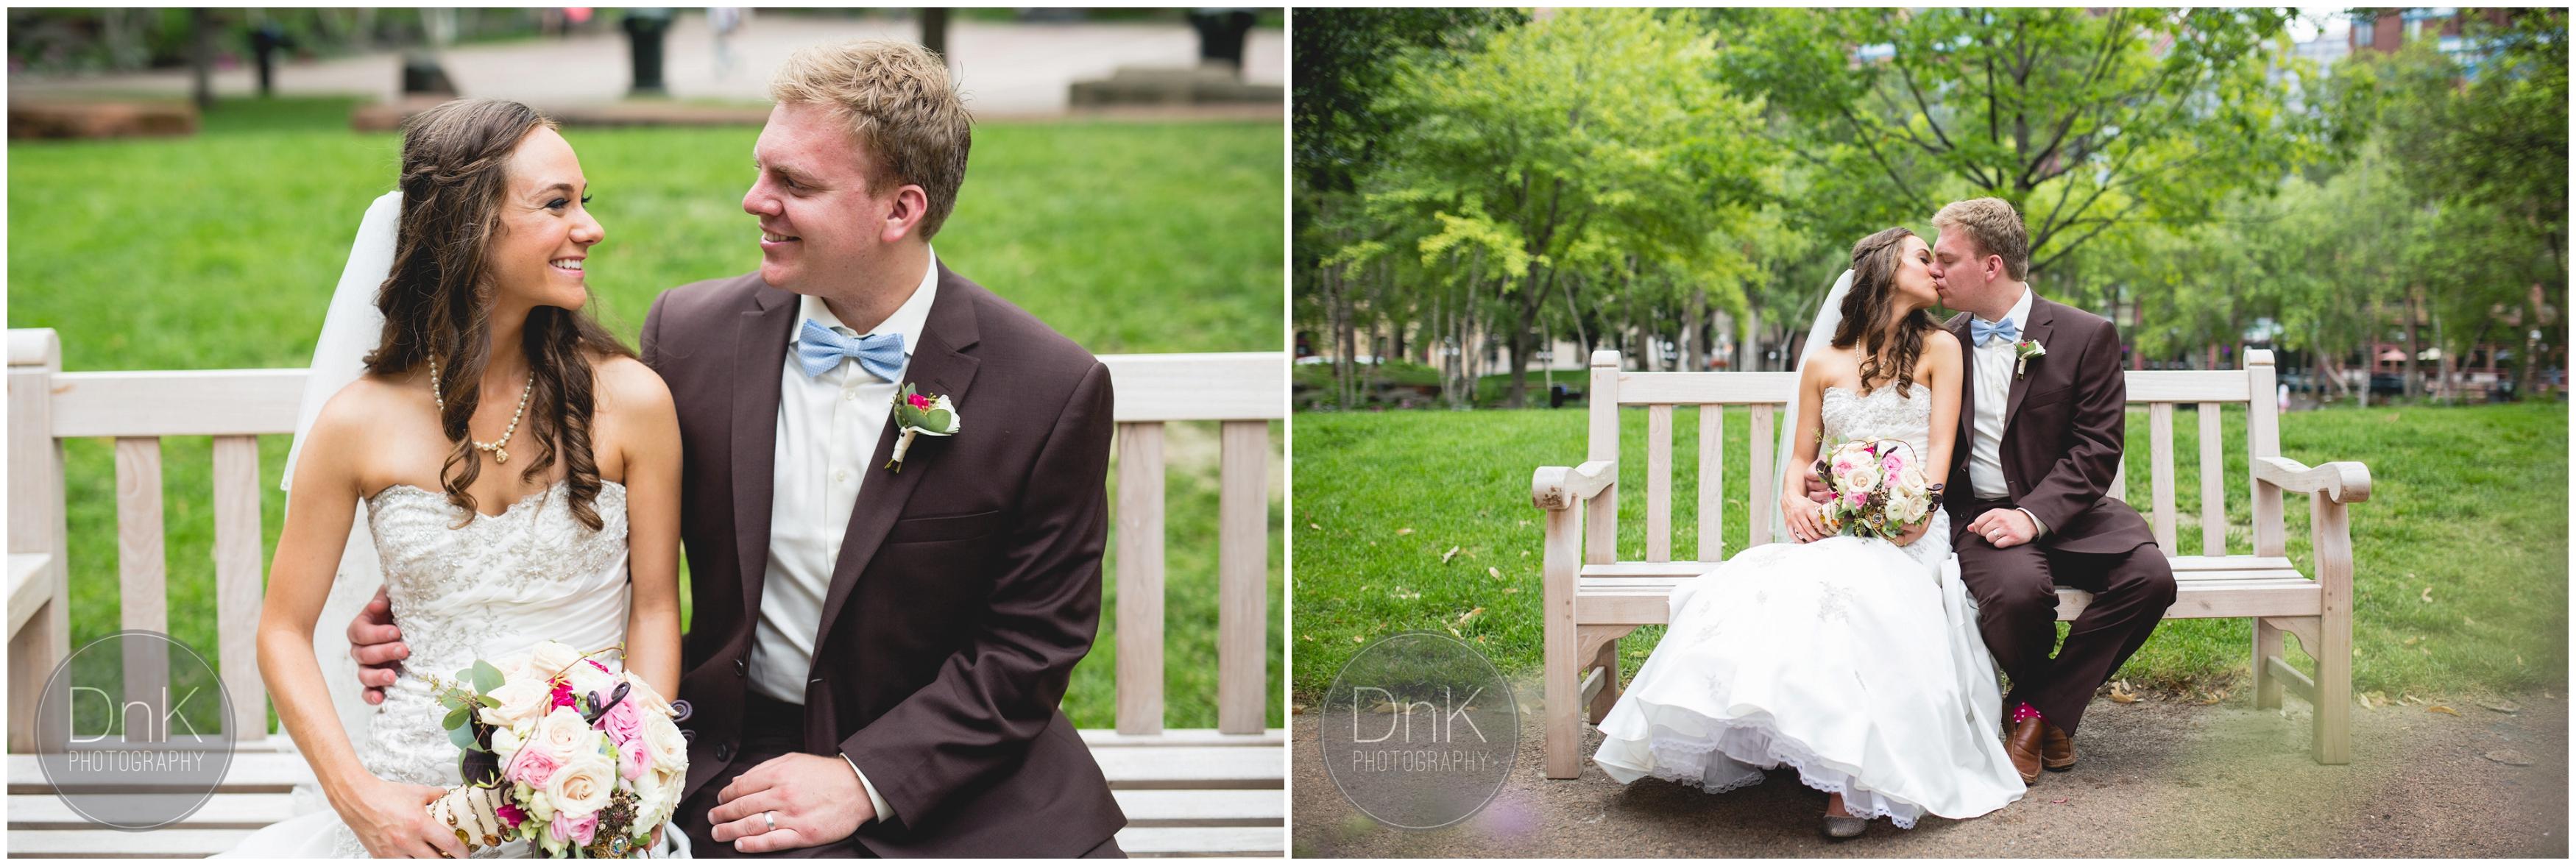 09 - Mears Park Wedding Photos